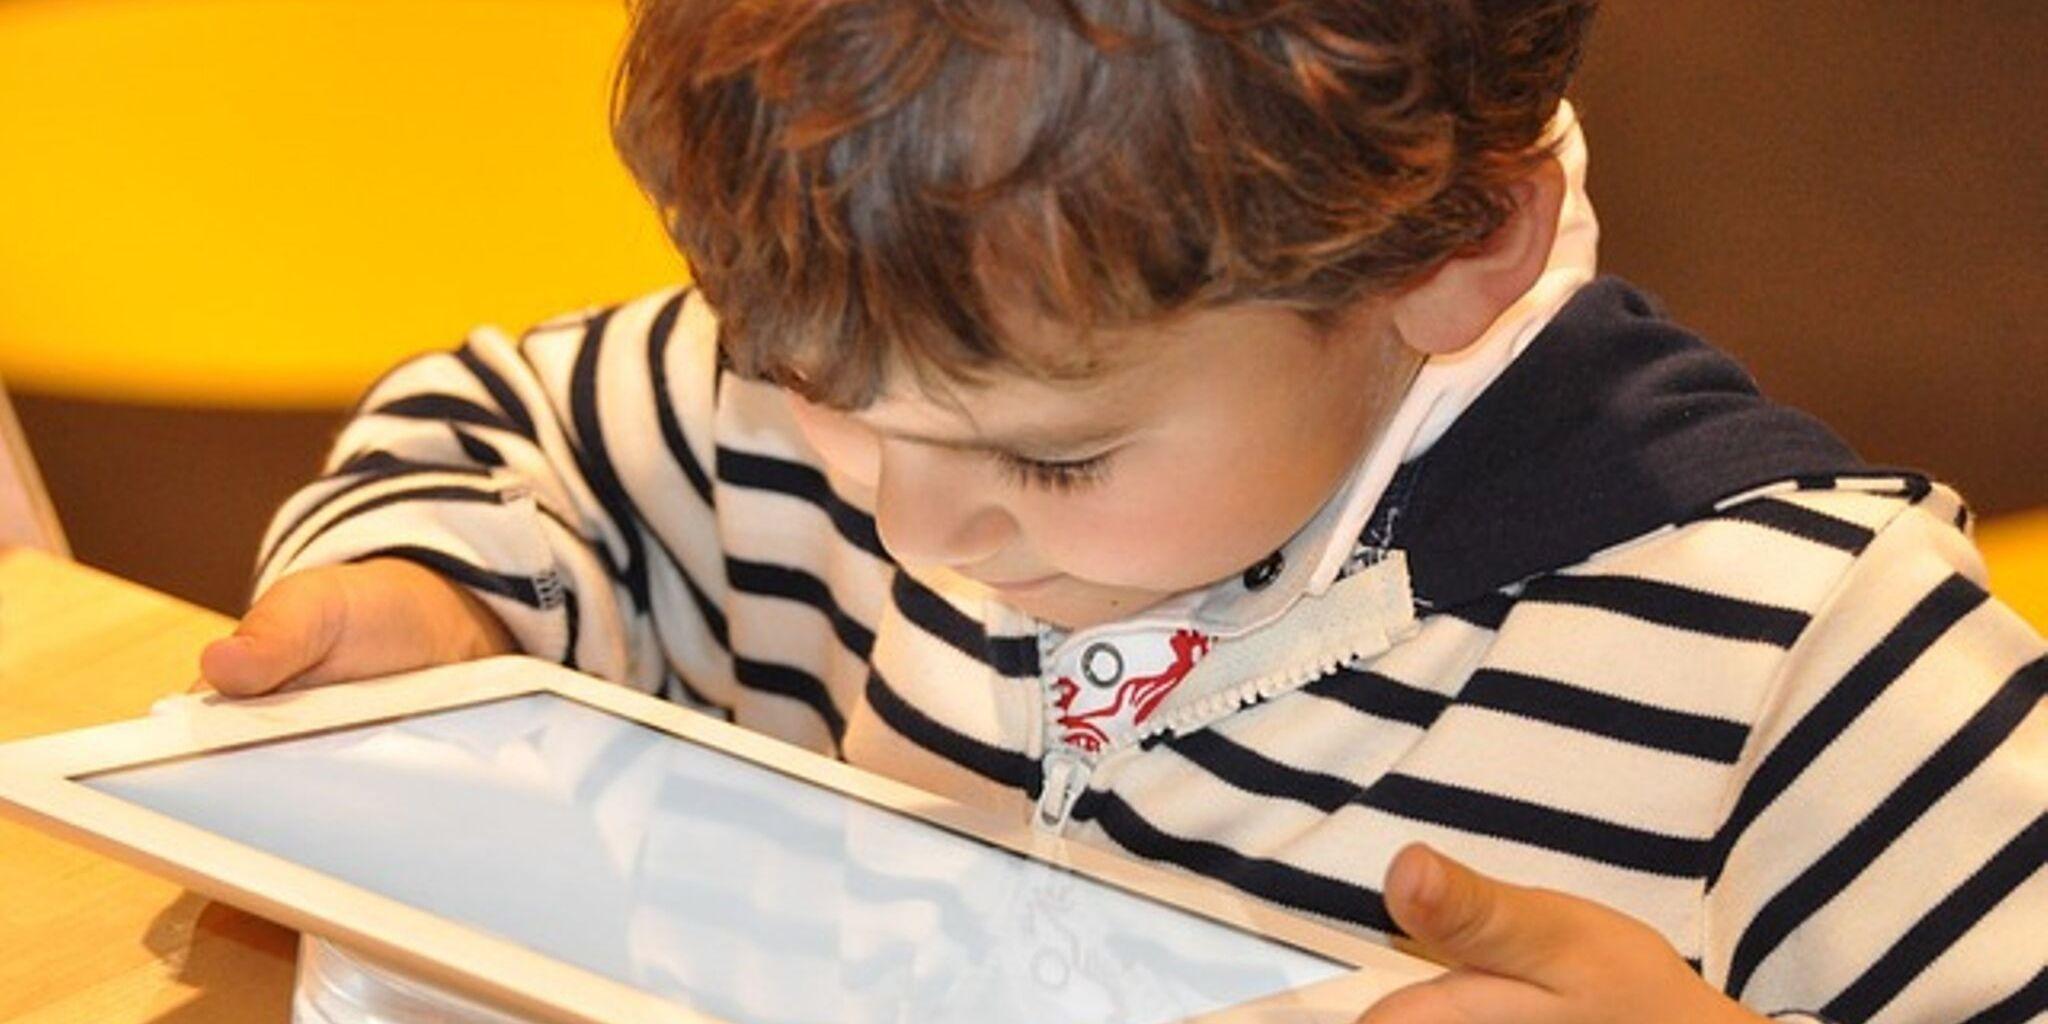 Niños y tecnología: pros y contras